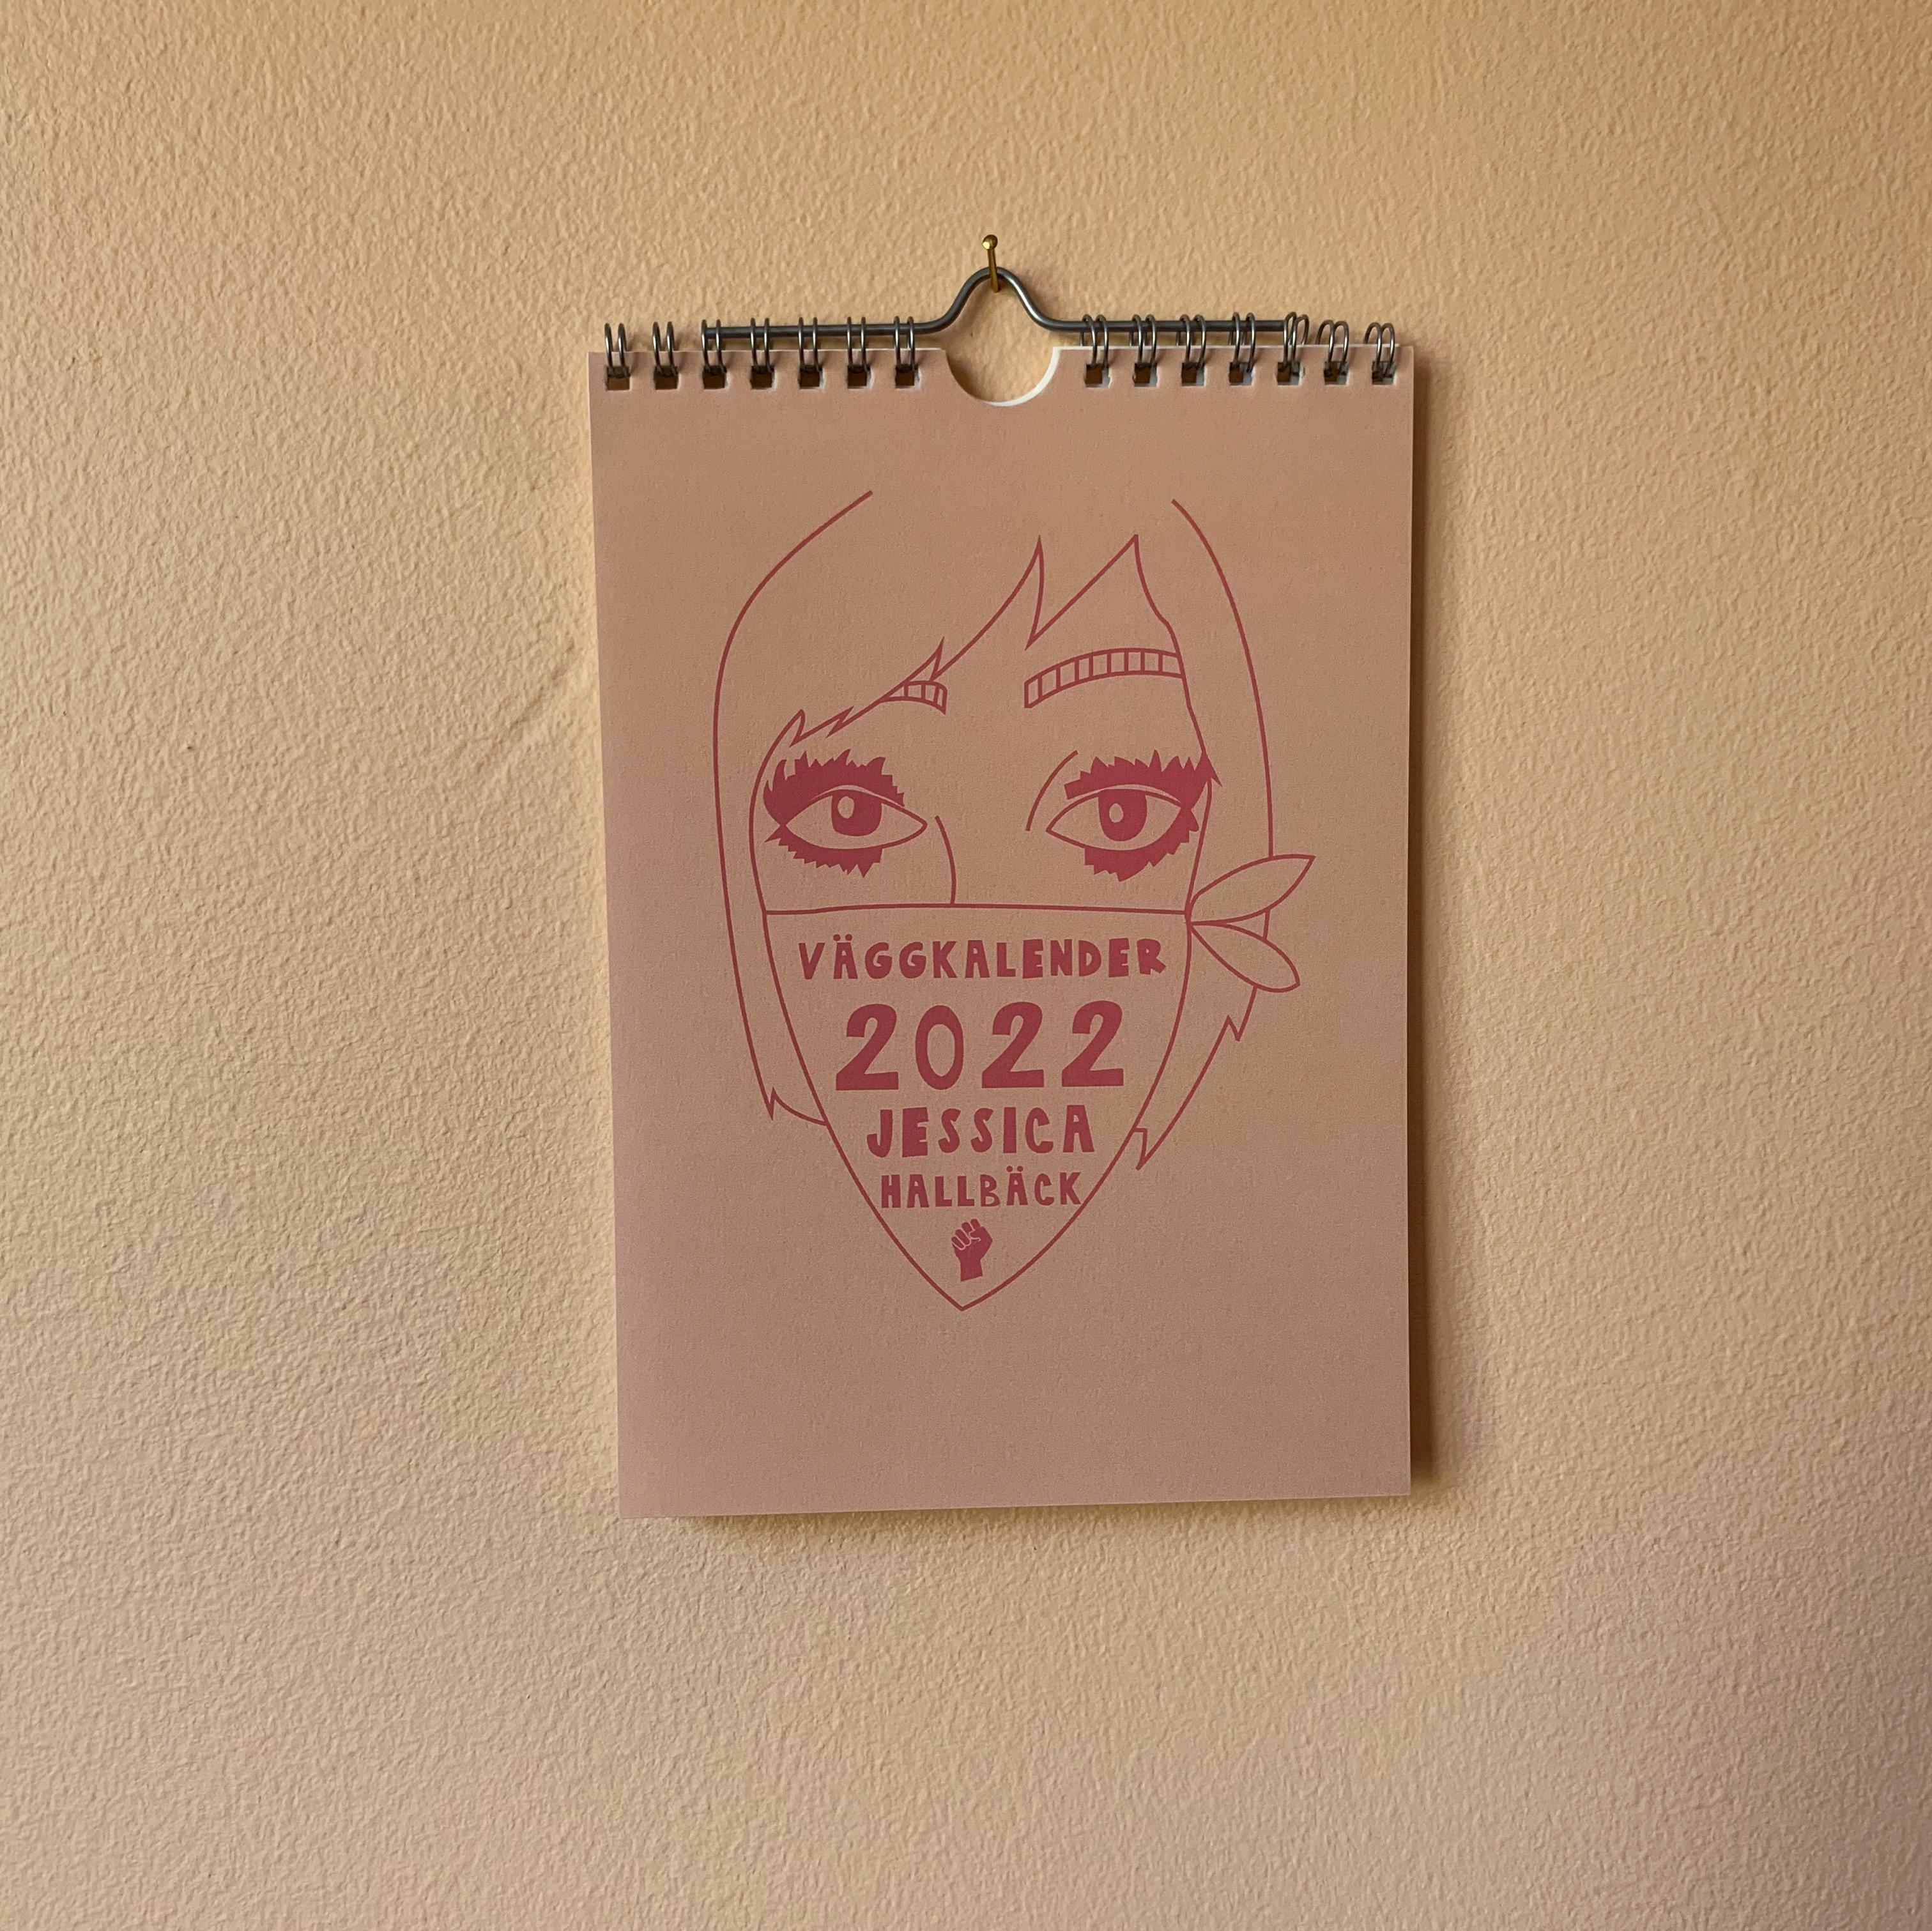 Väggkalender 2022 (färg)